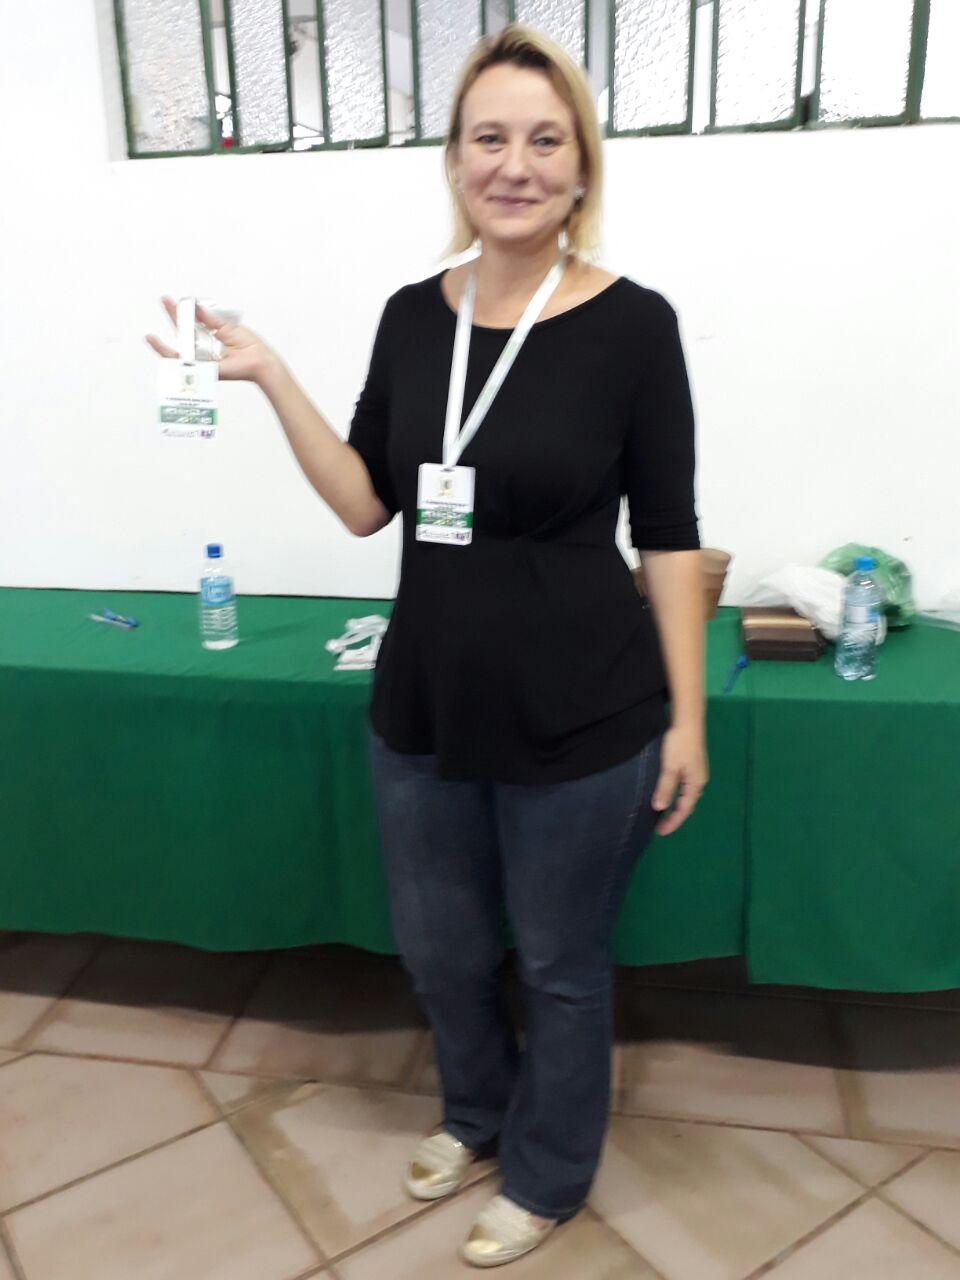 RESULTADO DA 2ª OLIMPIADA DE PATOTAS DA SOC. DESP.  VASTO VERDE – REALIZADA EM 11/11/2017